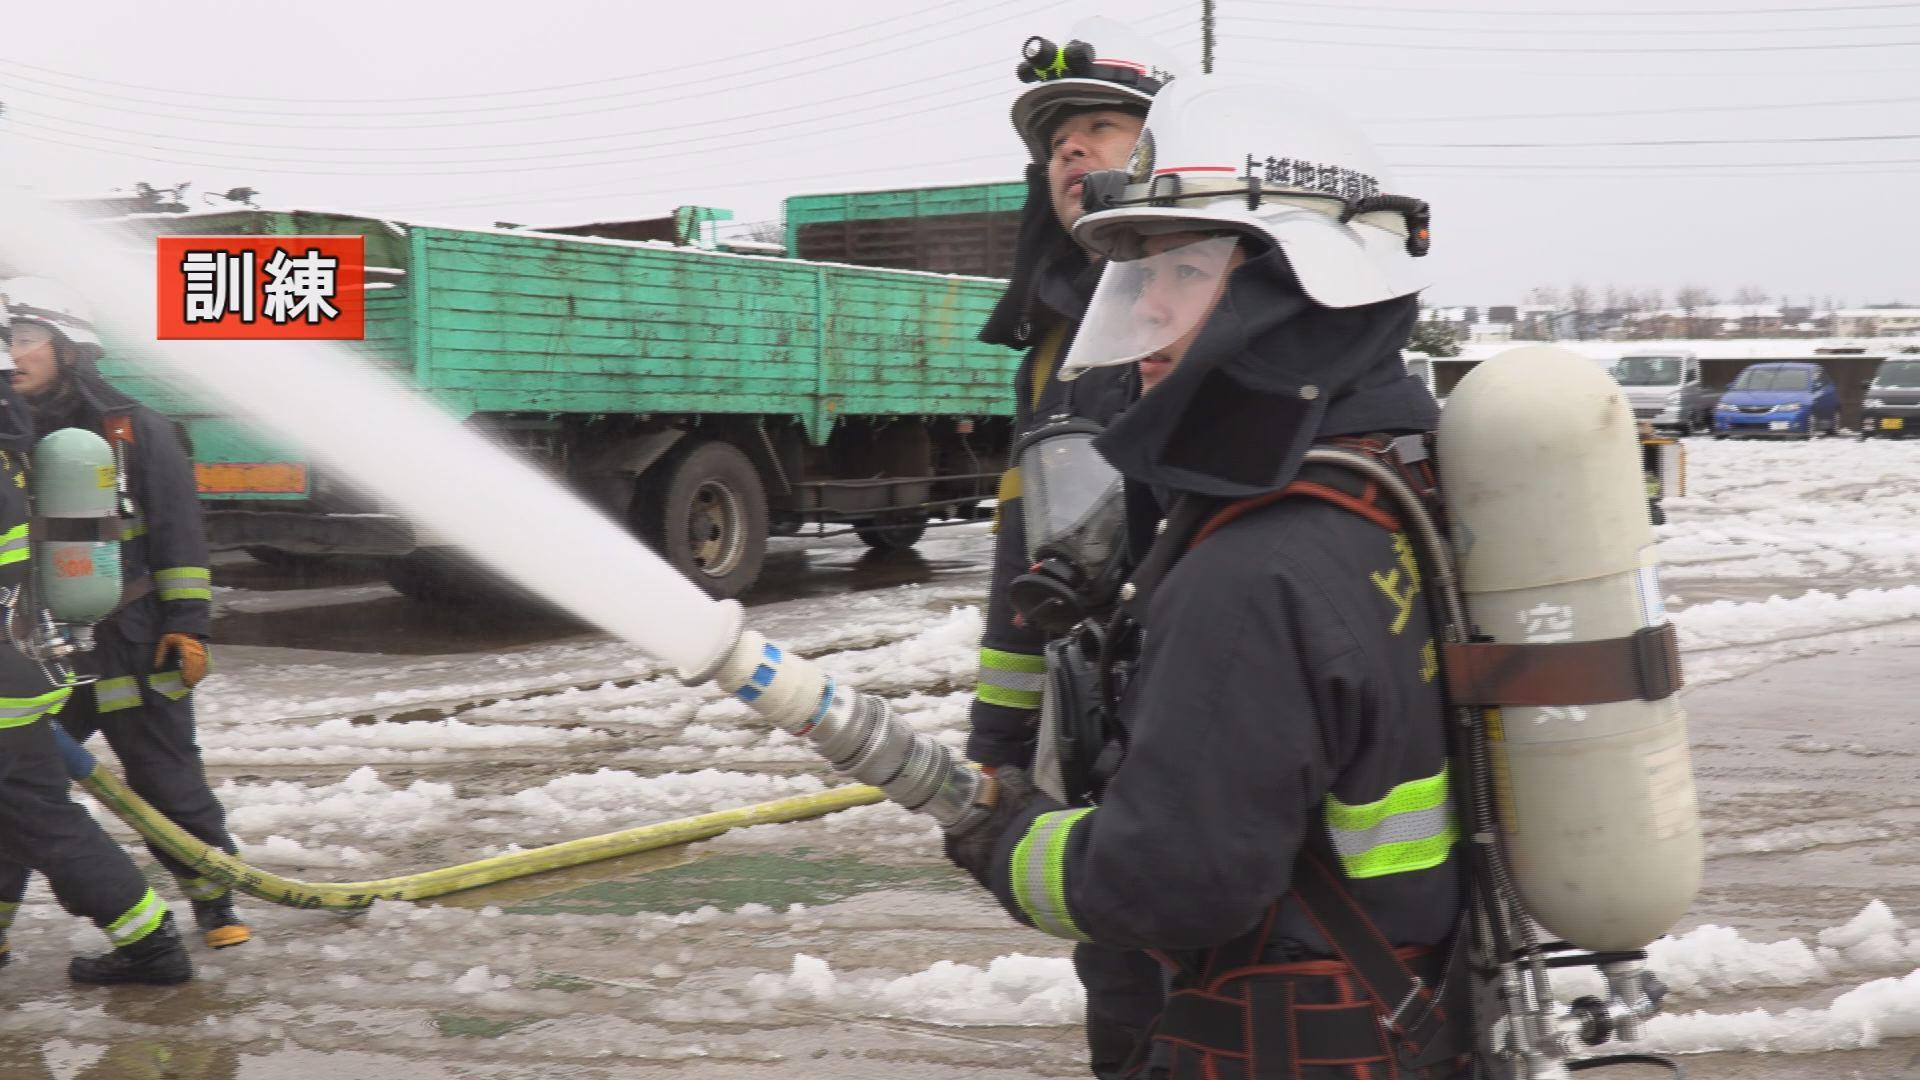 191206_金属スクラップ火災消防訓練2